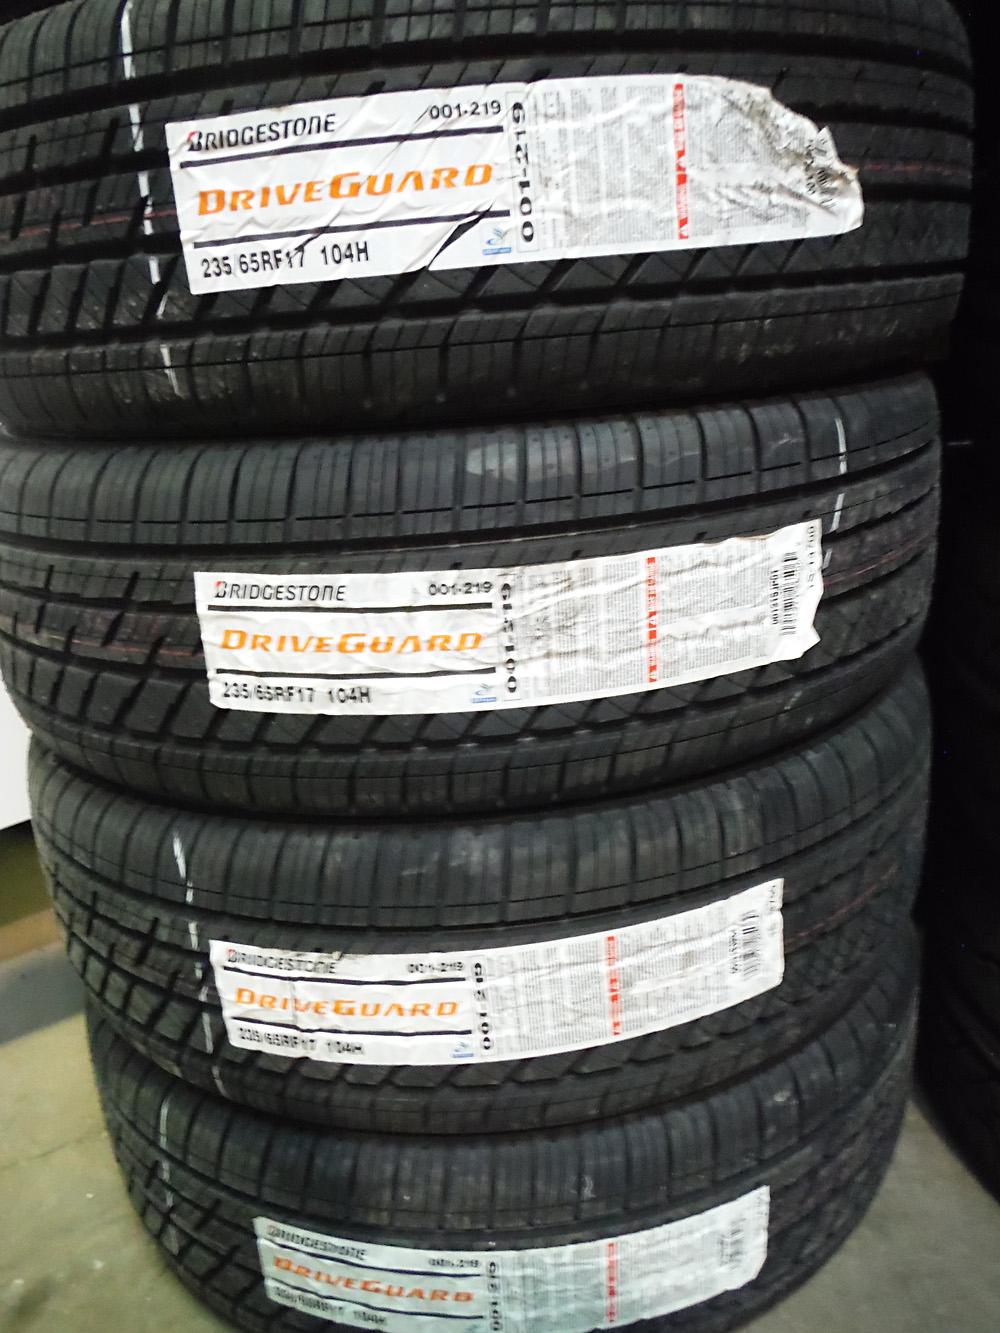 Bridgestone Driveguard 235/65R17 Tires for sale